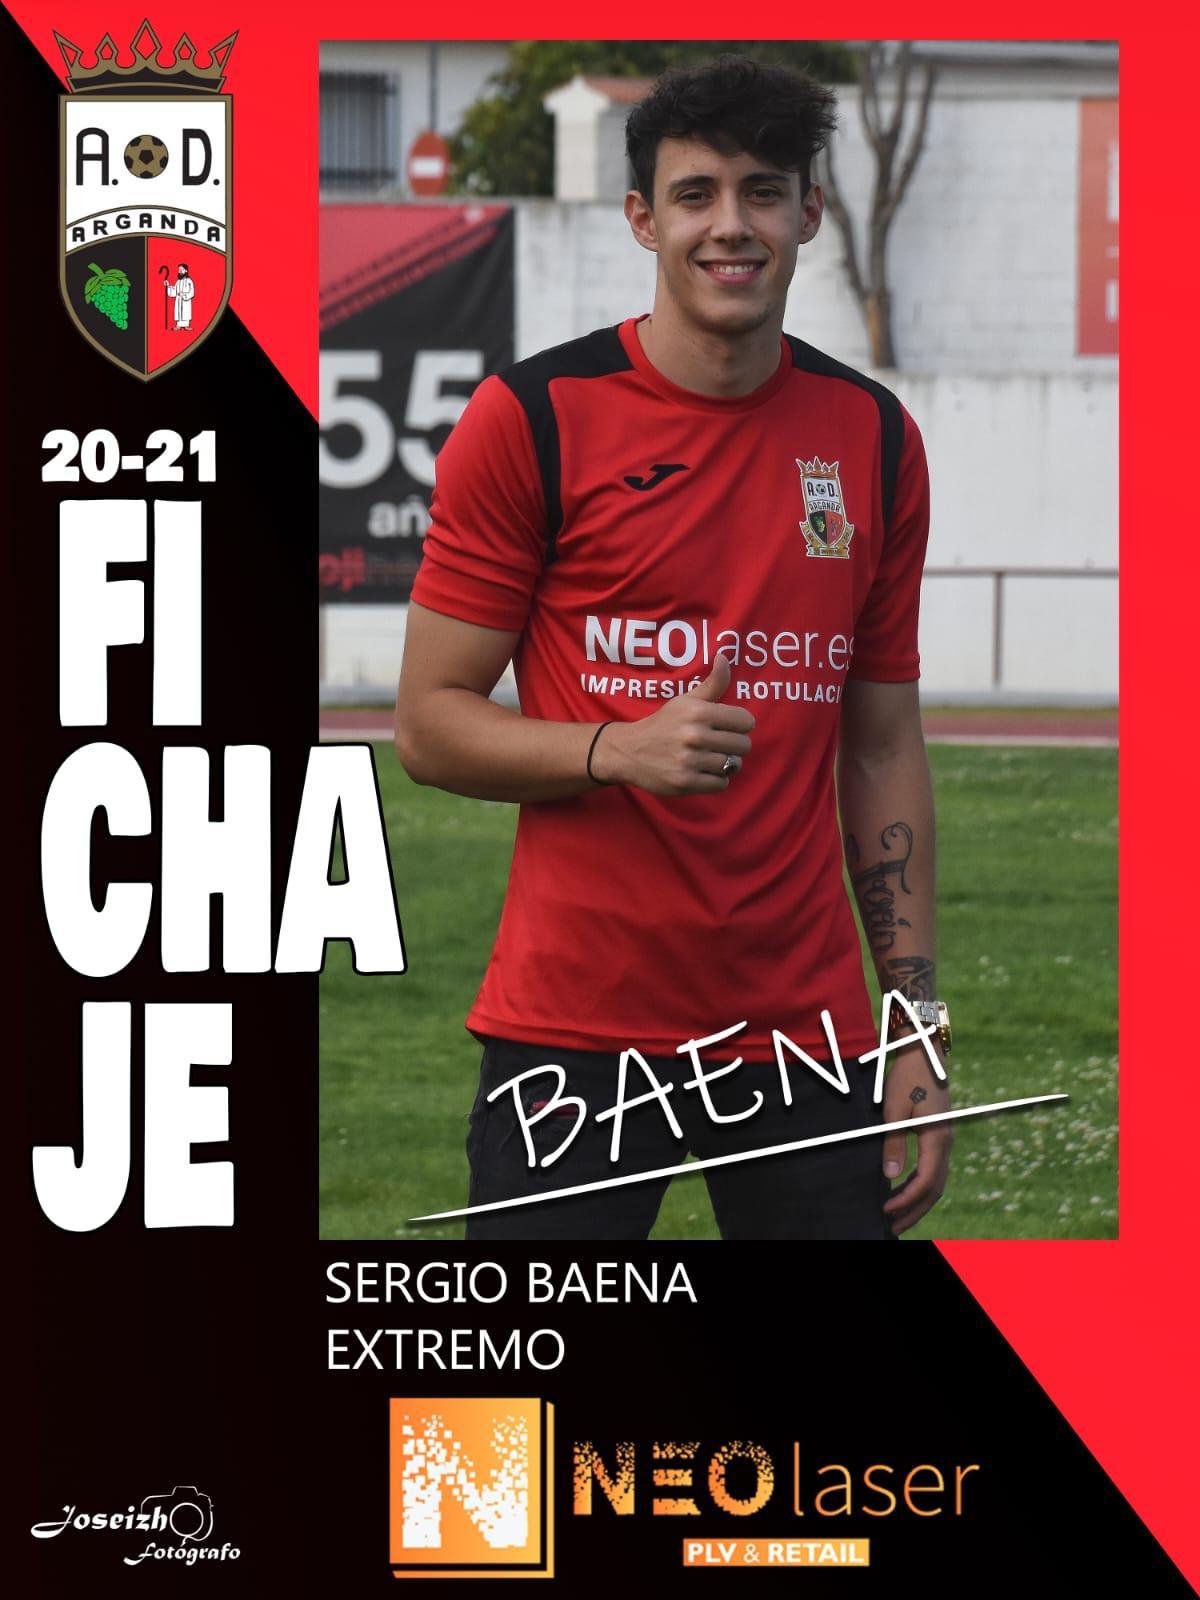 FICHAJE DE SERGIO BAENA